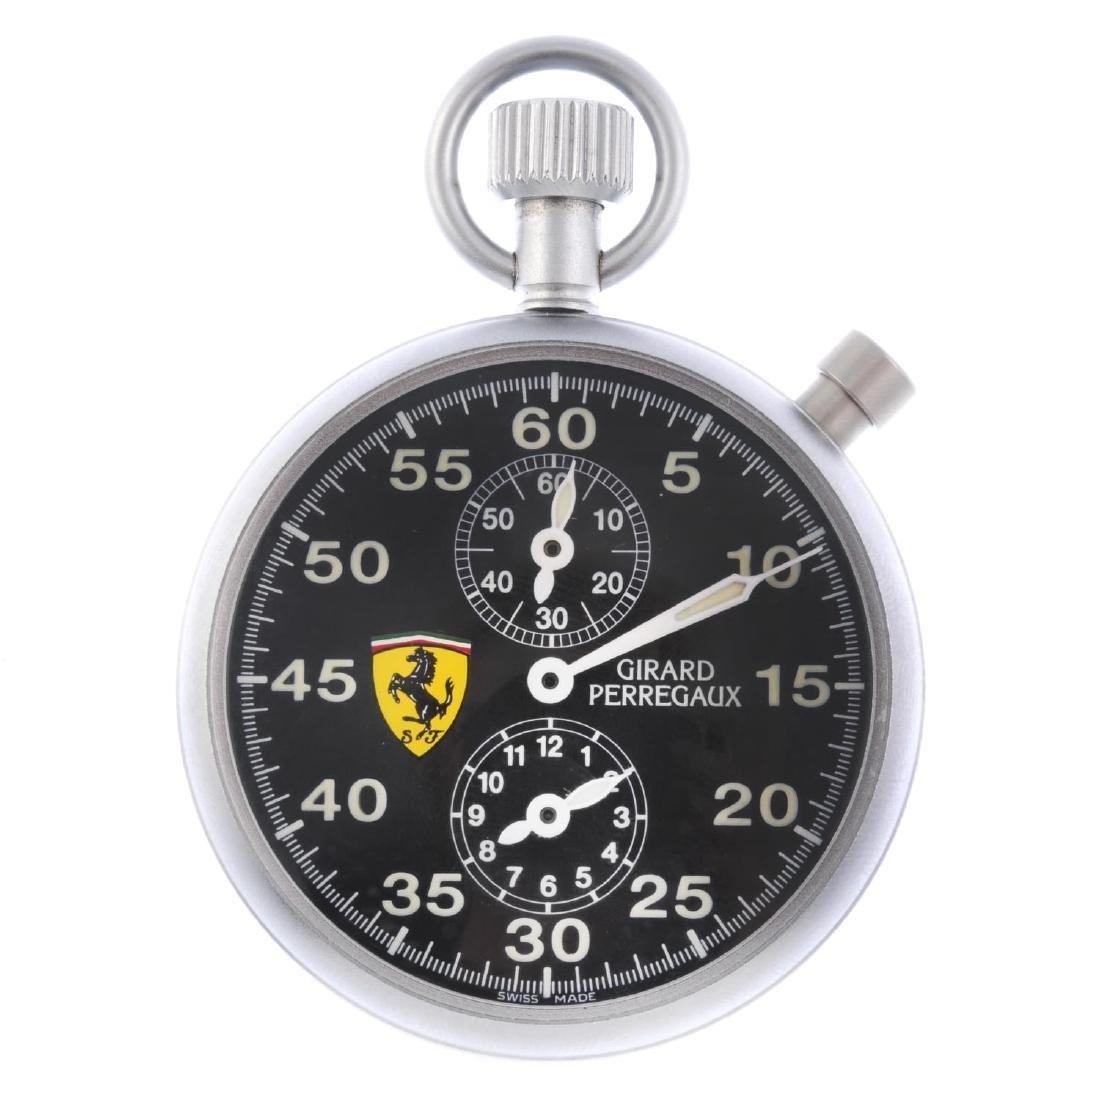 An open face Ferrari sport timer by Girard Perregaux.